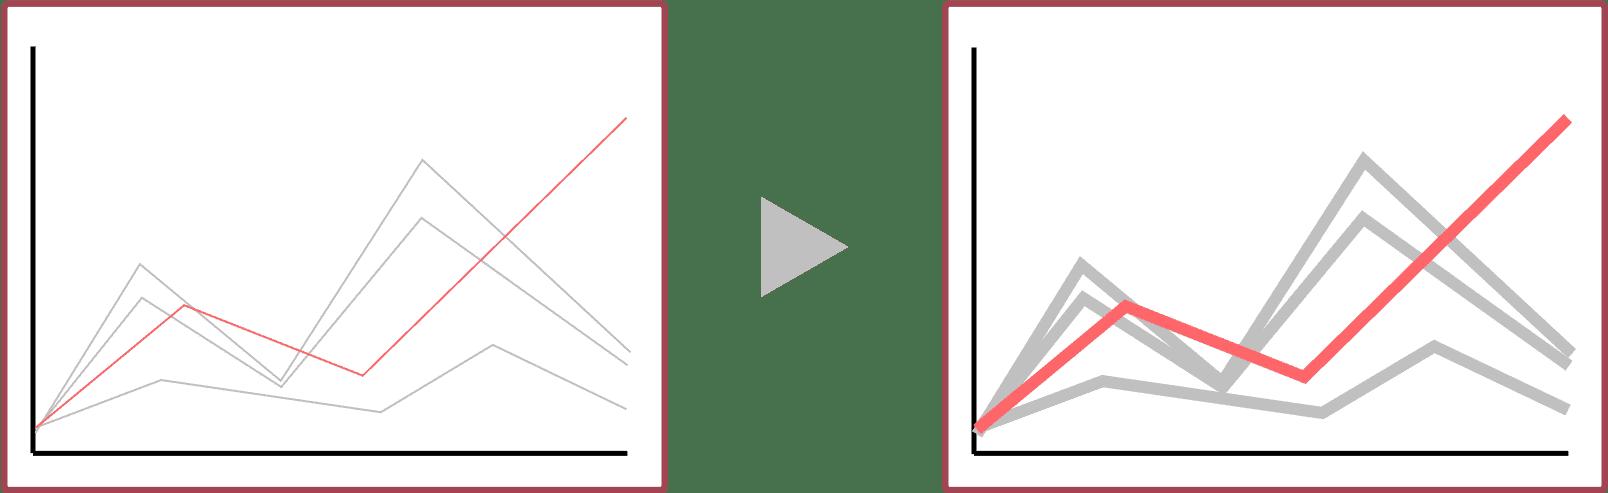 営業の提案書_折れ線グラフ